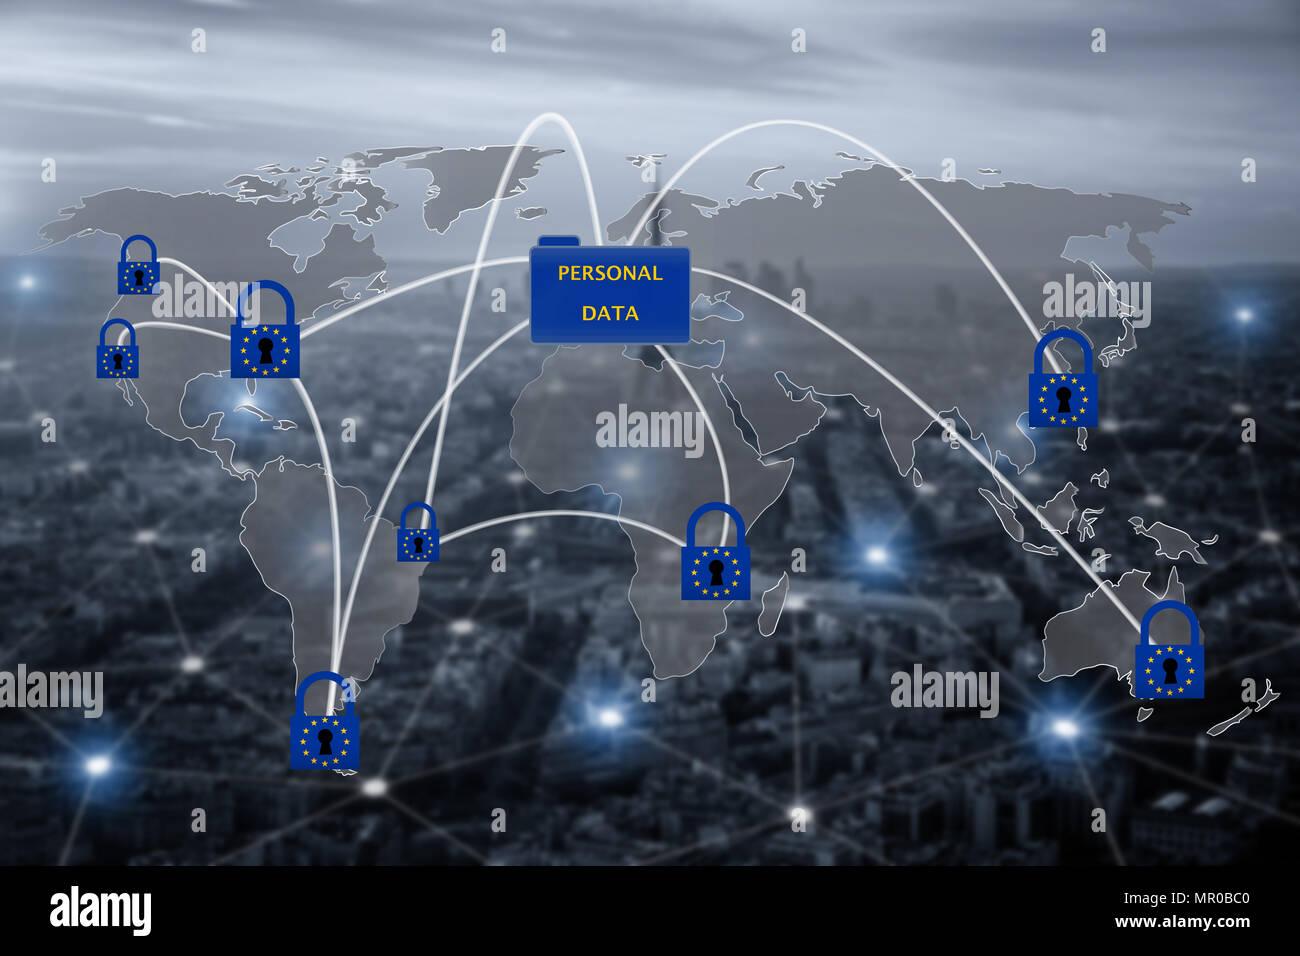 Vorhängeschloss über EU-Karte, das Symbol der EU allgemeine Datenschutzverordnung oder Bipr. Die Datenschutzgesetze in ganz Europa zu harmonisieren. Stockbild